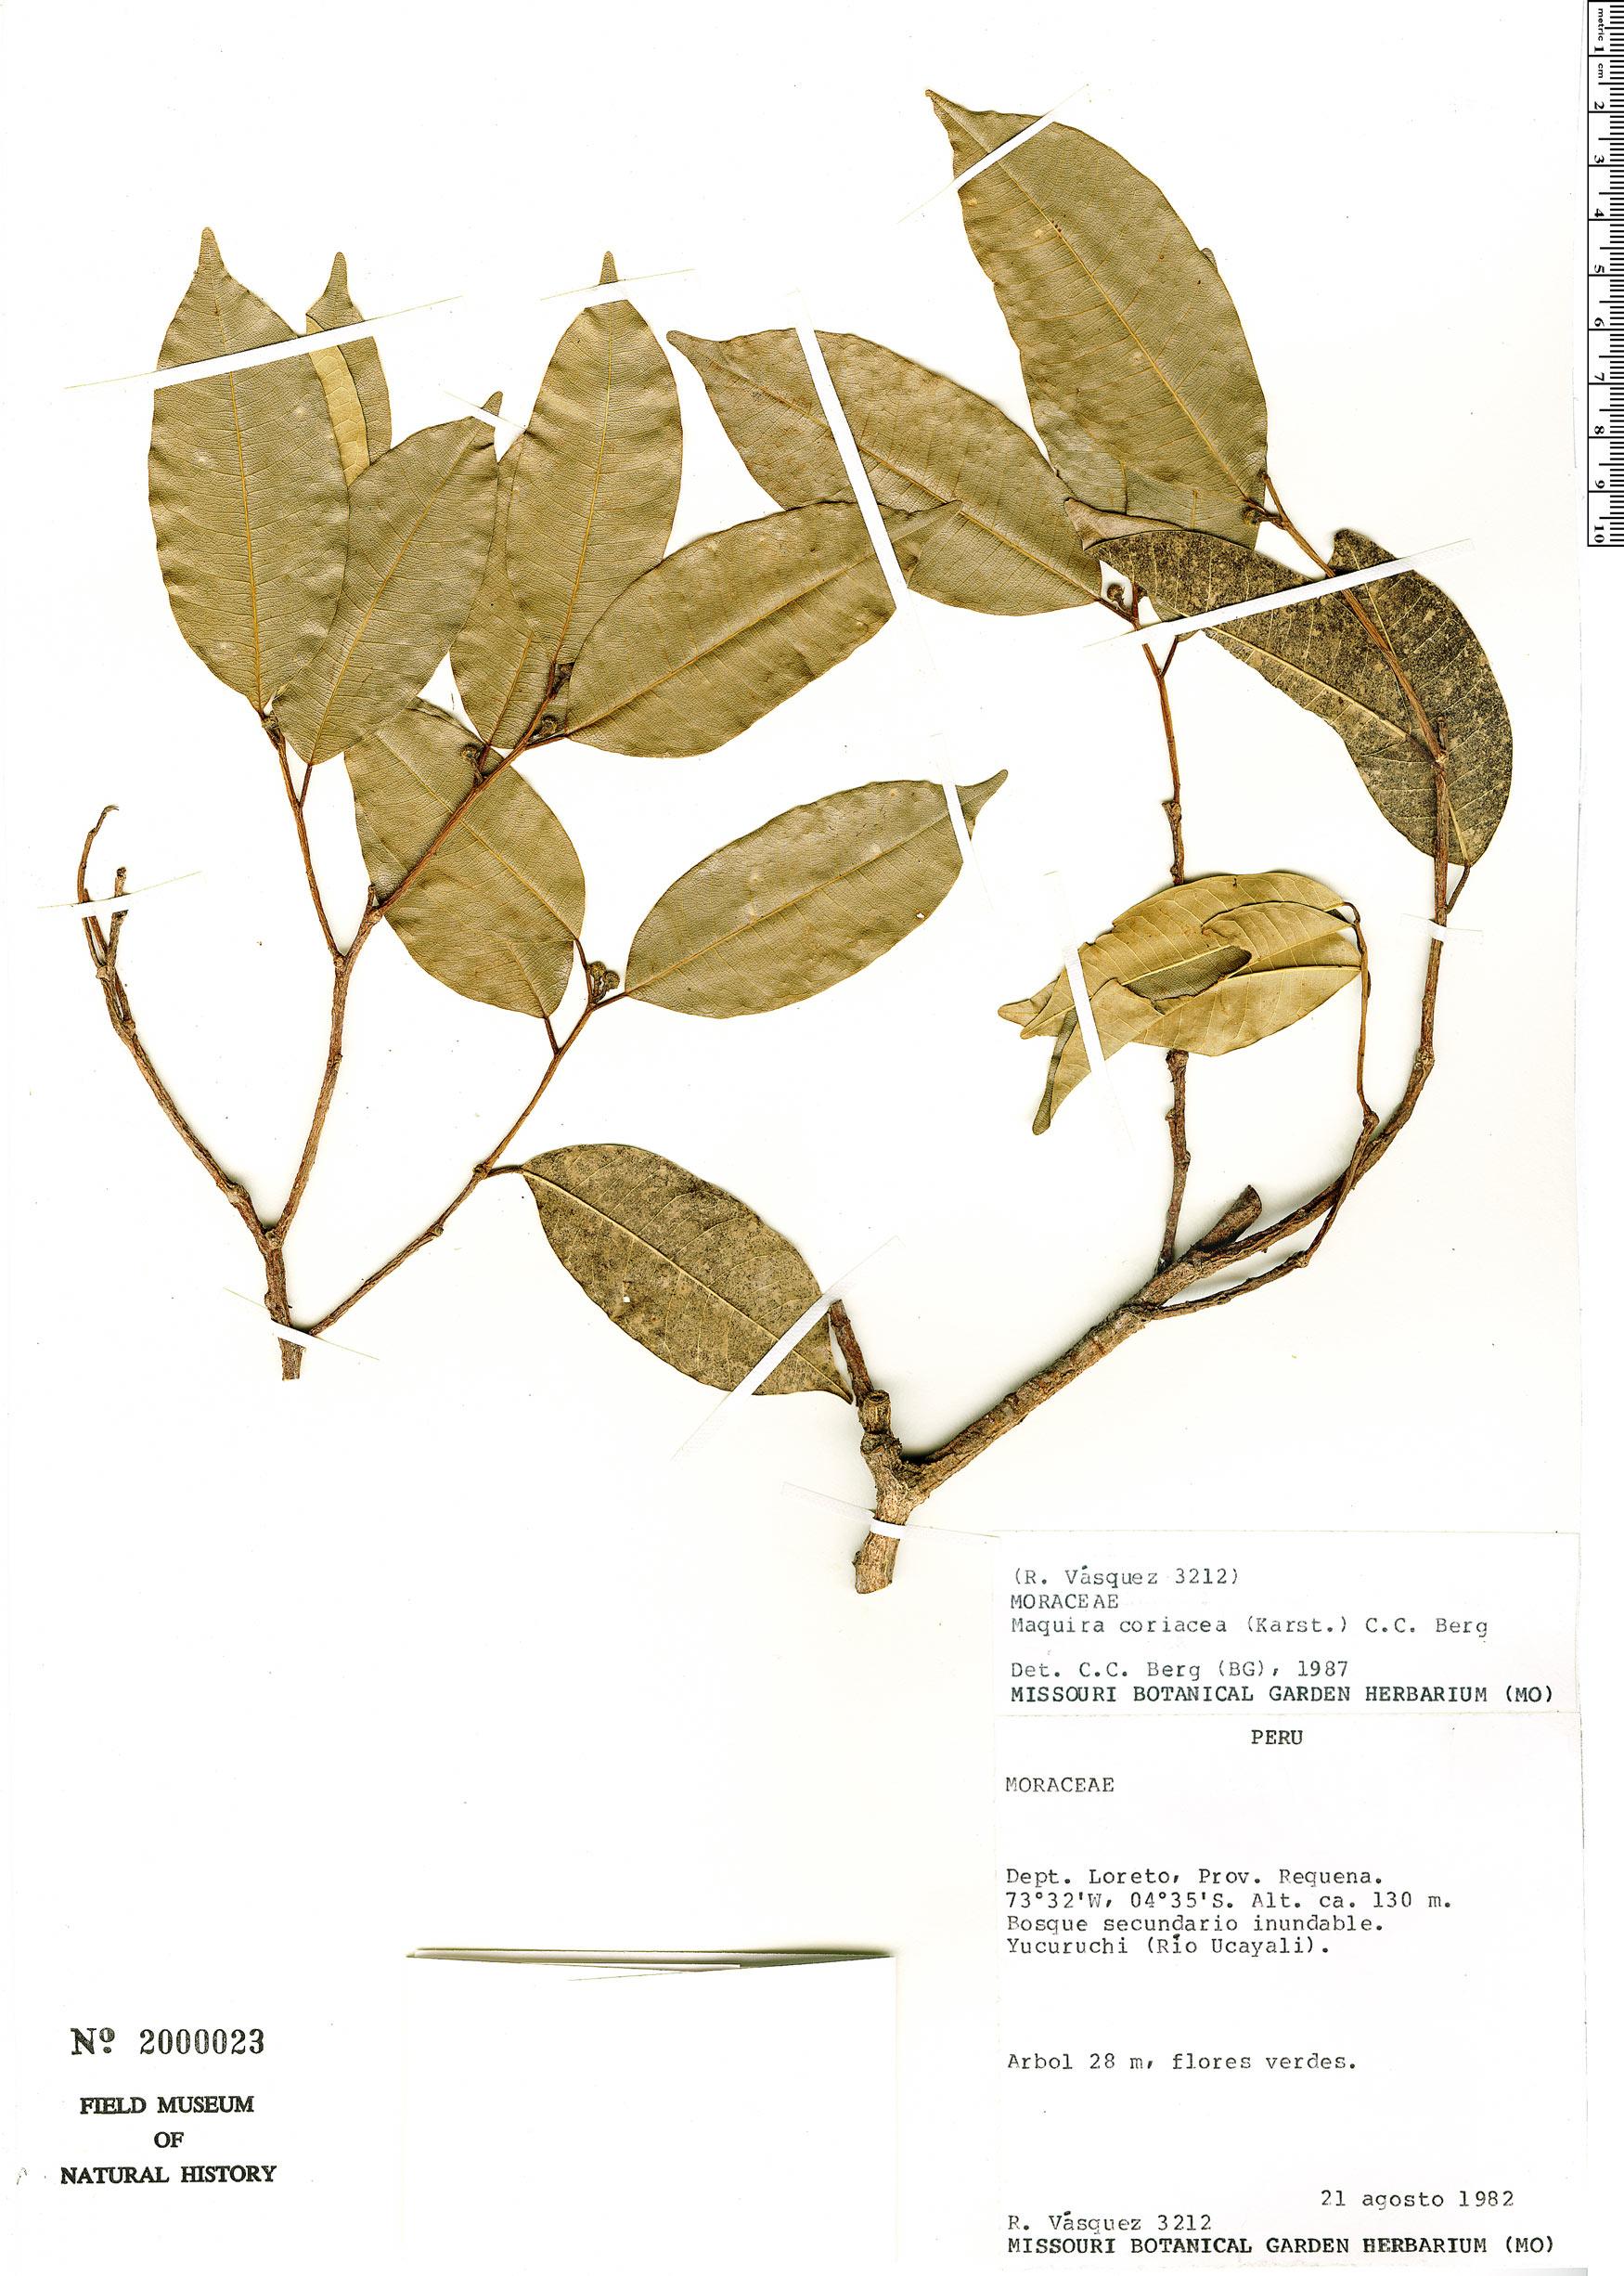 Specimen: Maquira coriacea